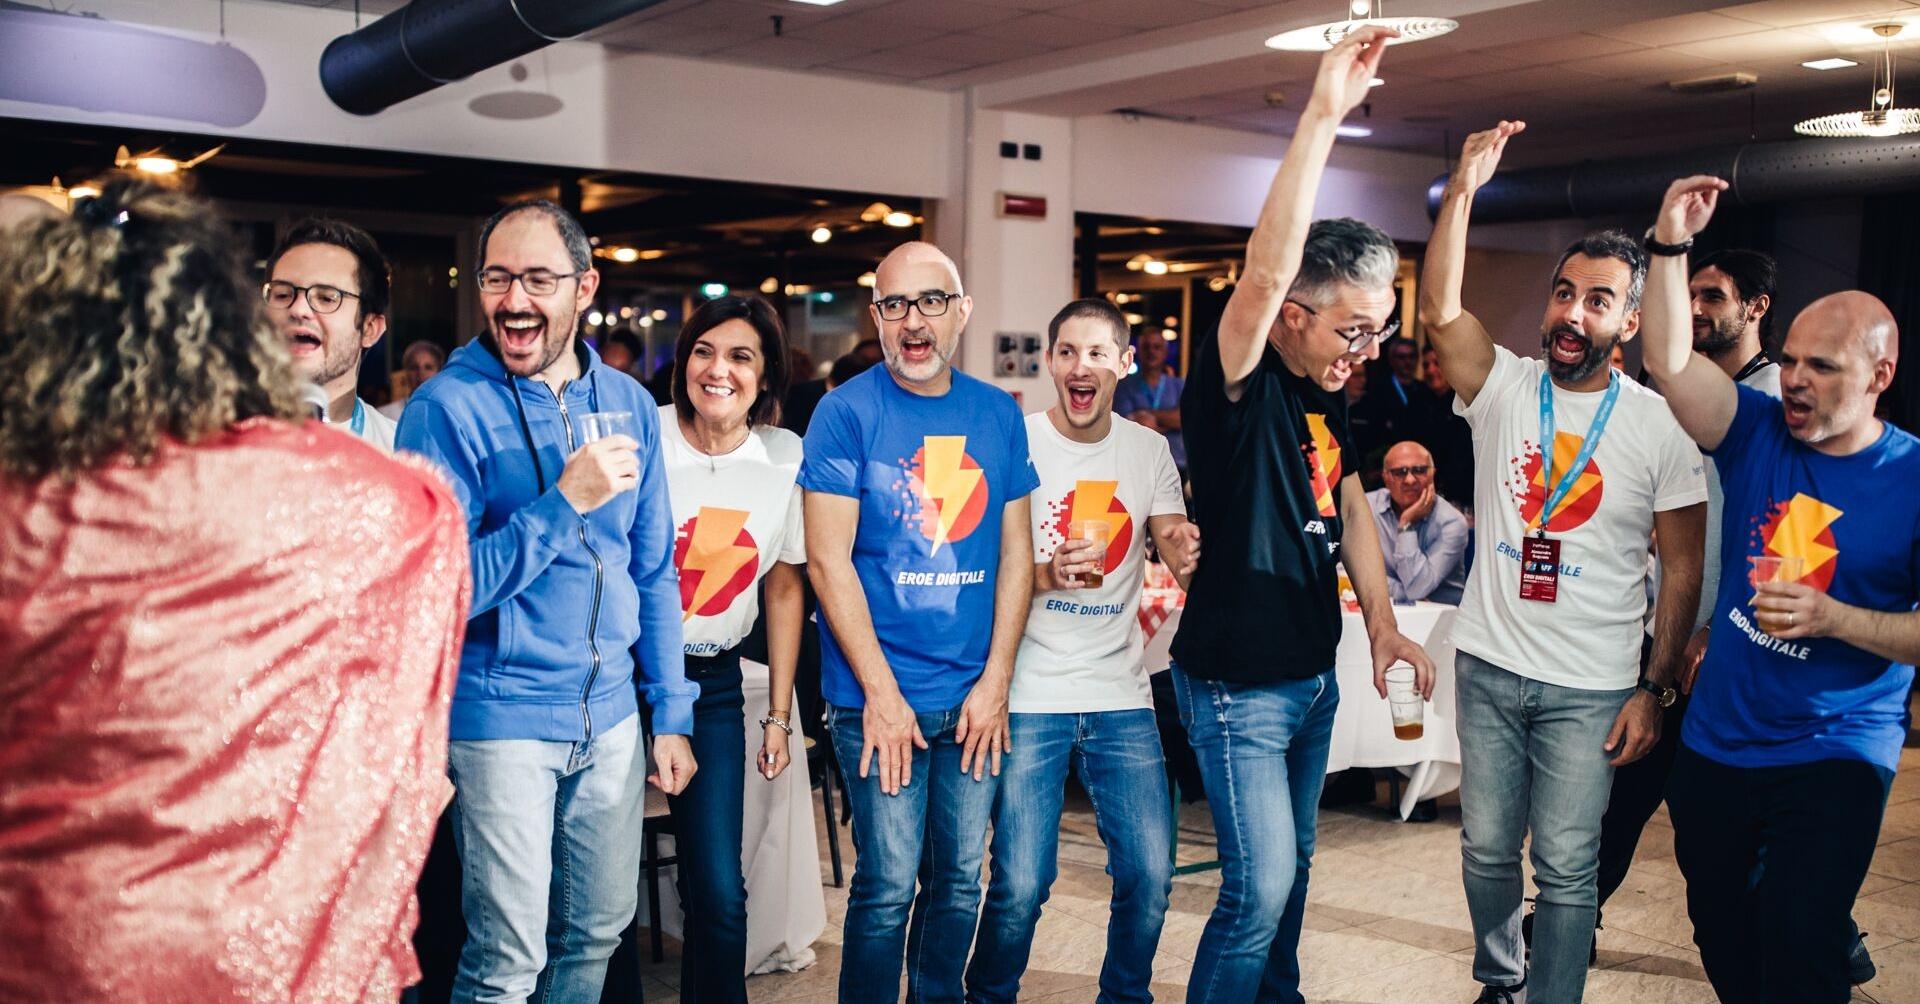 Trasforma la tua azienda in una community